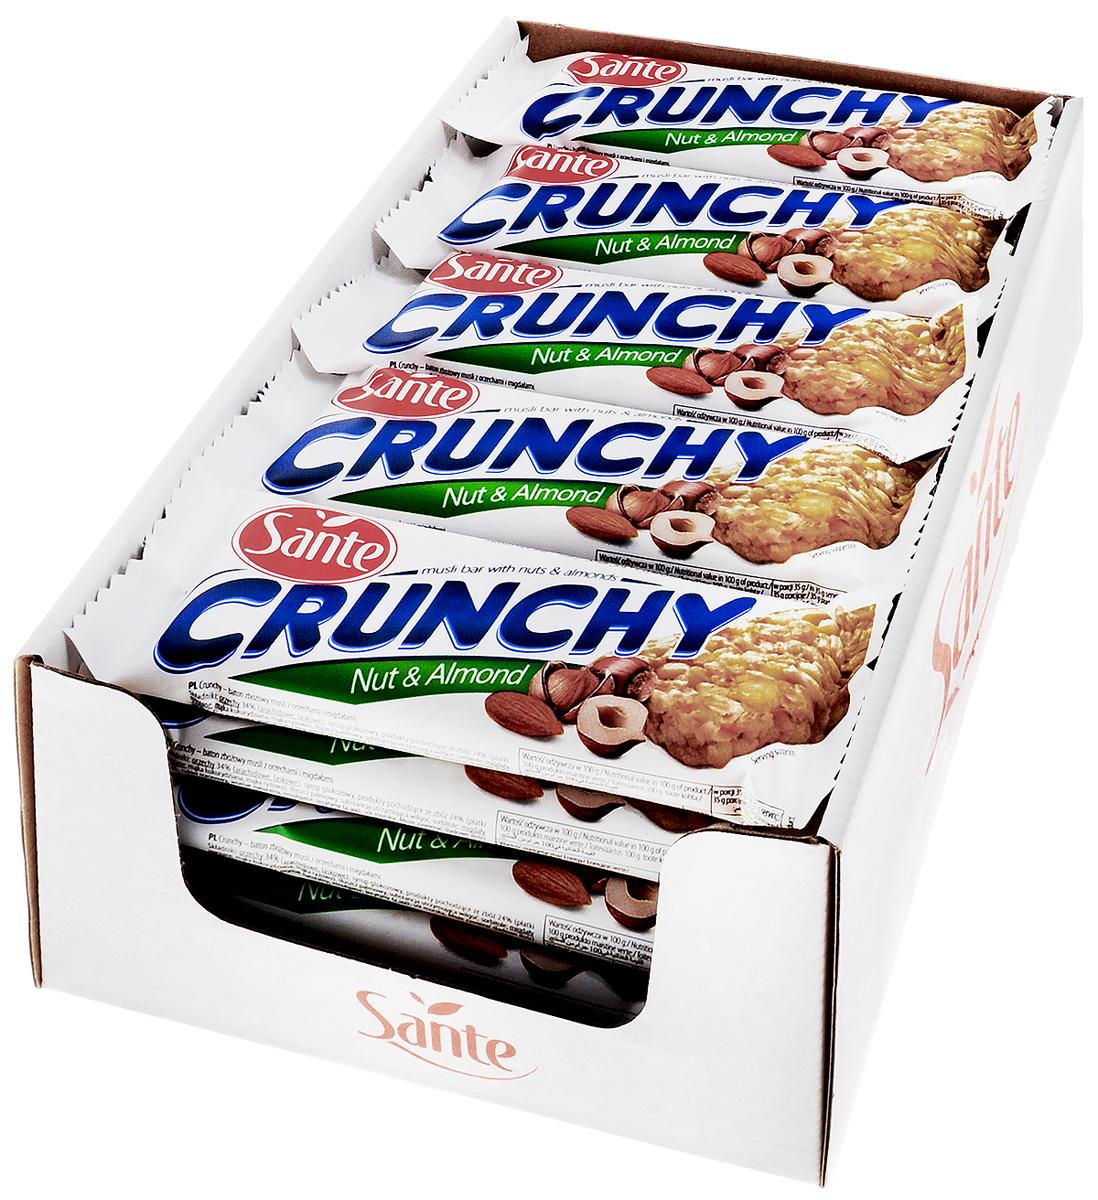 Sante Crunchy батончик мюсли с орехами, 35 г (25 шт)